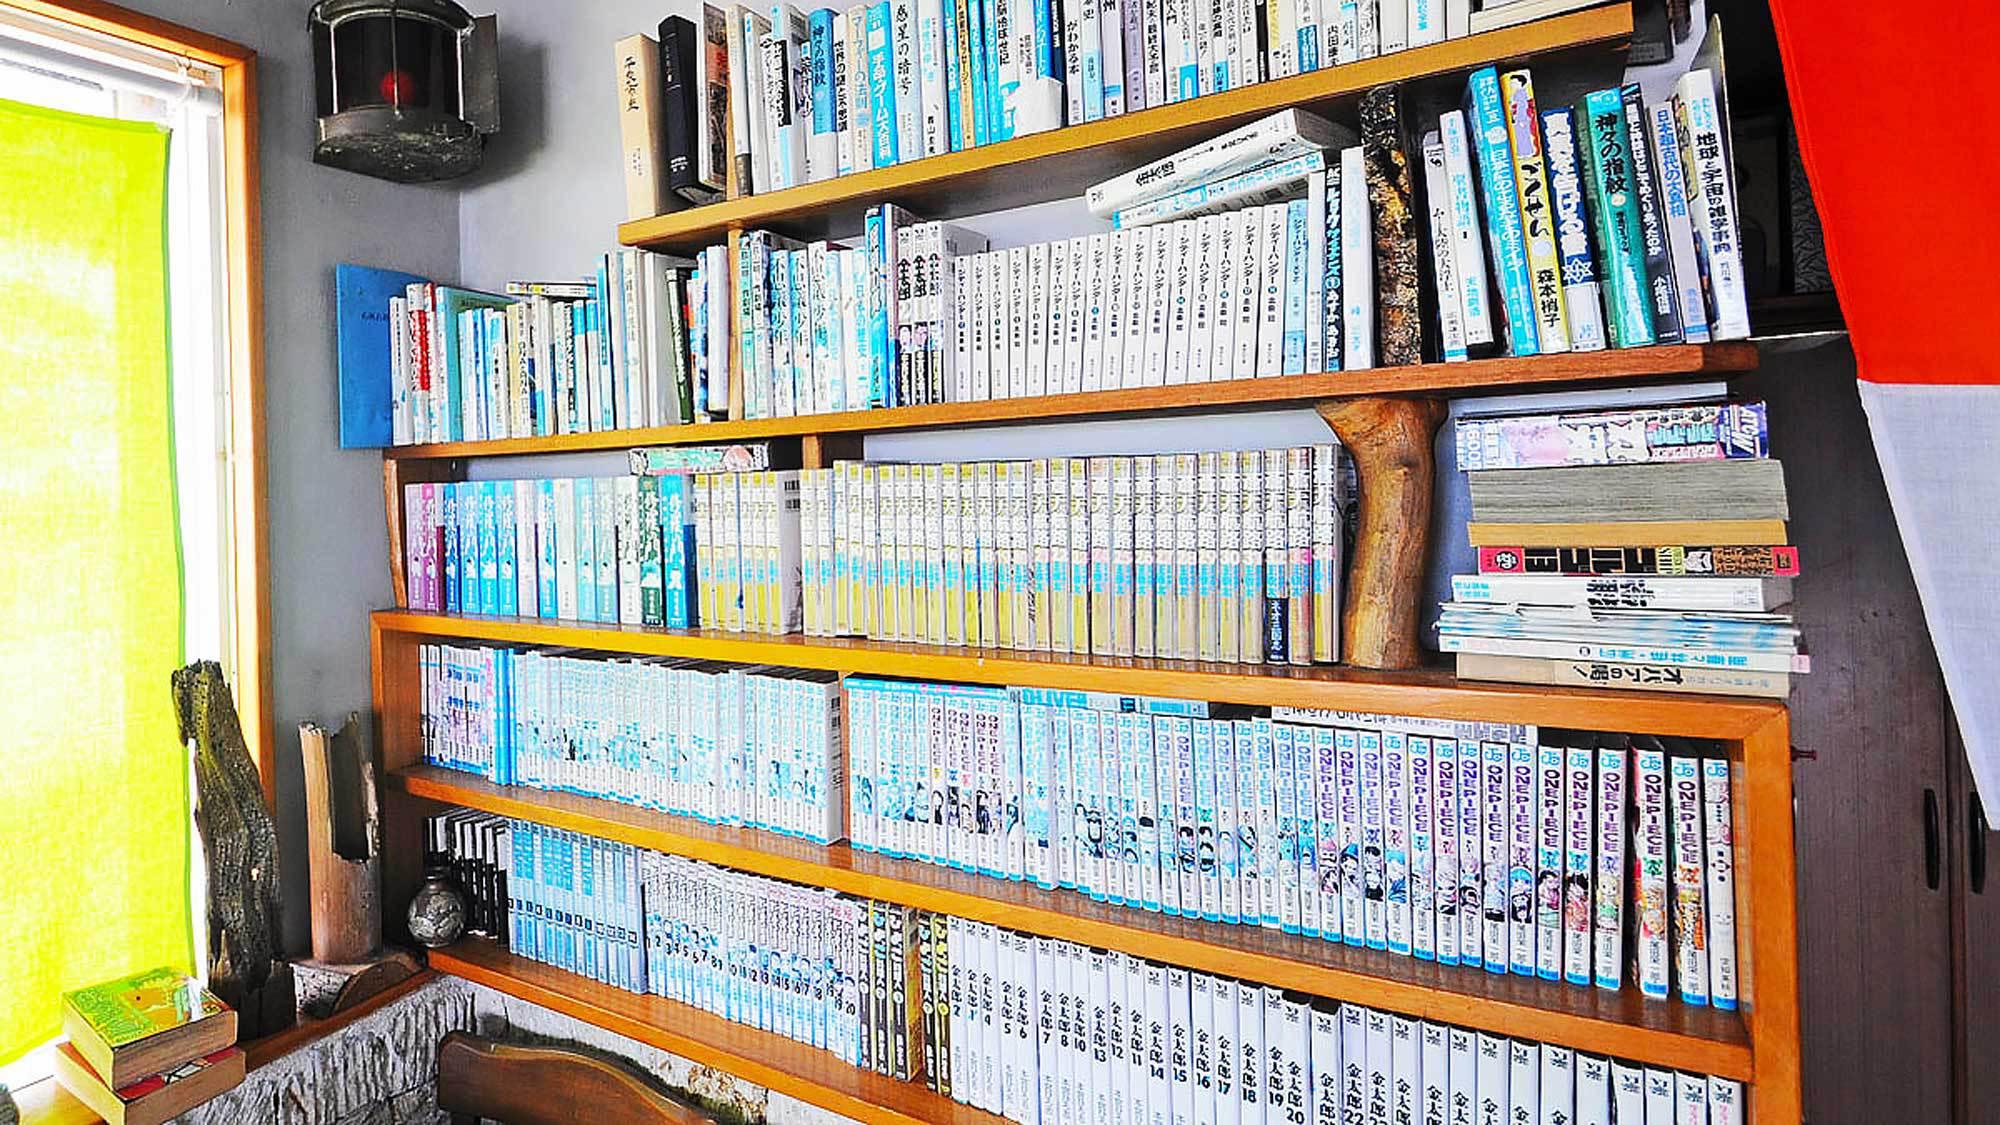 【食事処】マンガなどの本もたくさん!こちらで本を読みながらごゆっくりとお過ごし下さい。